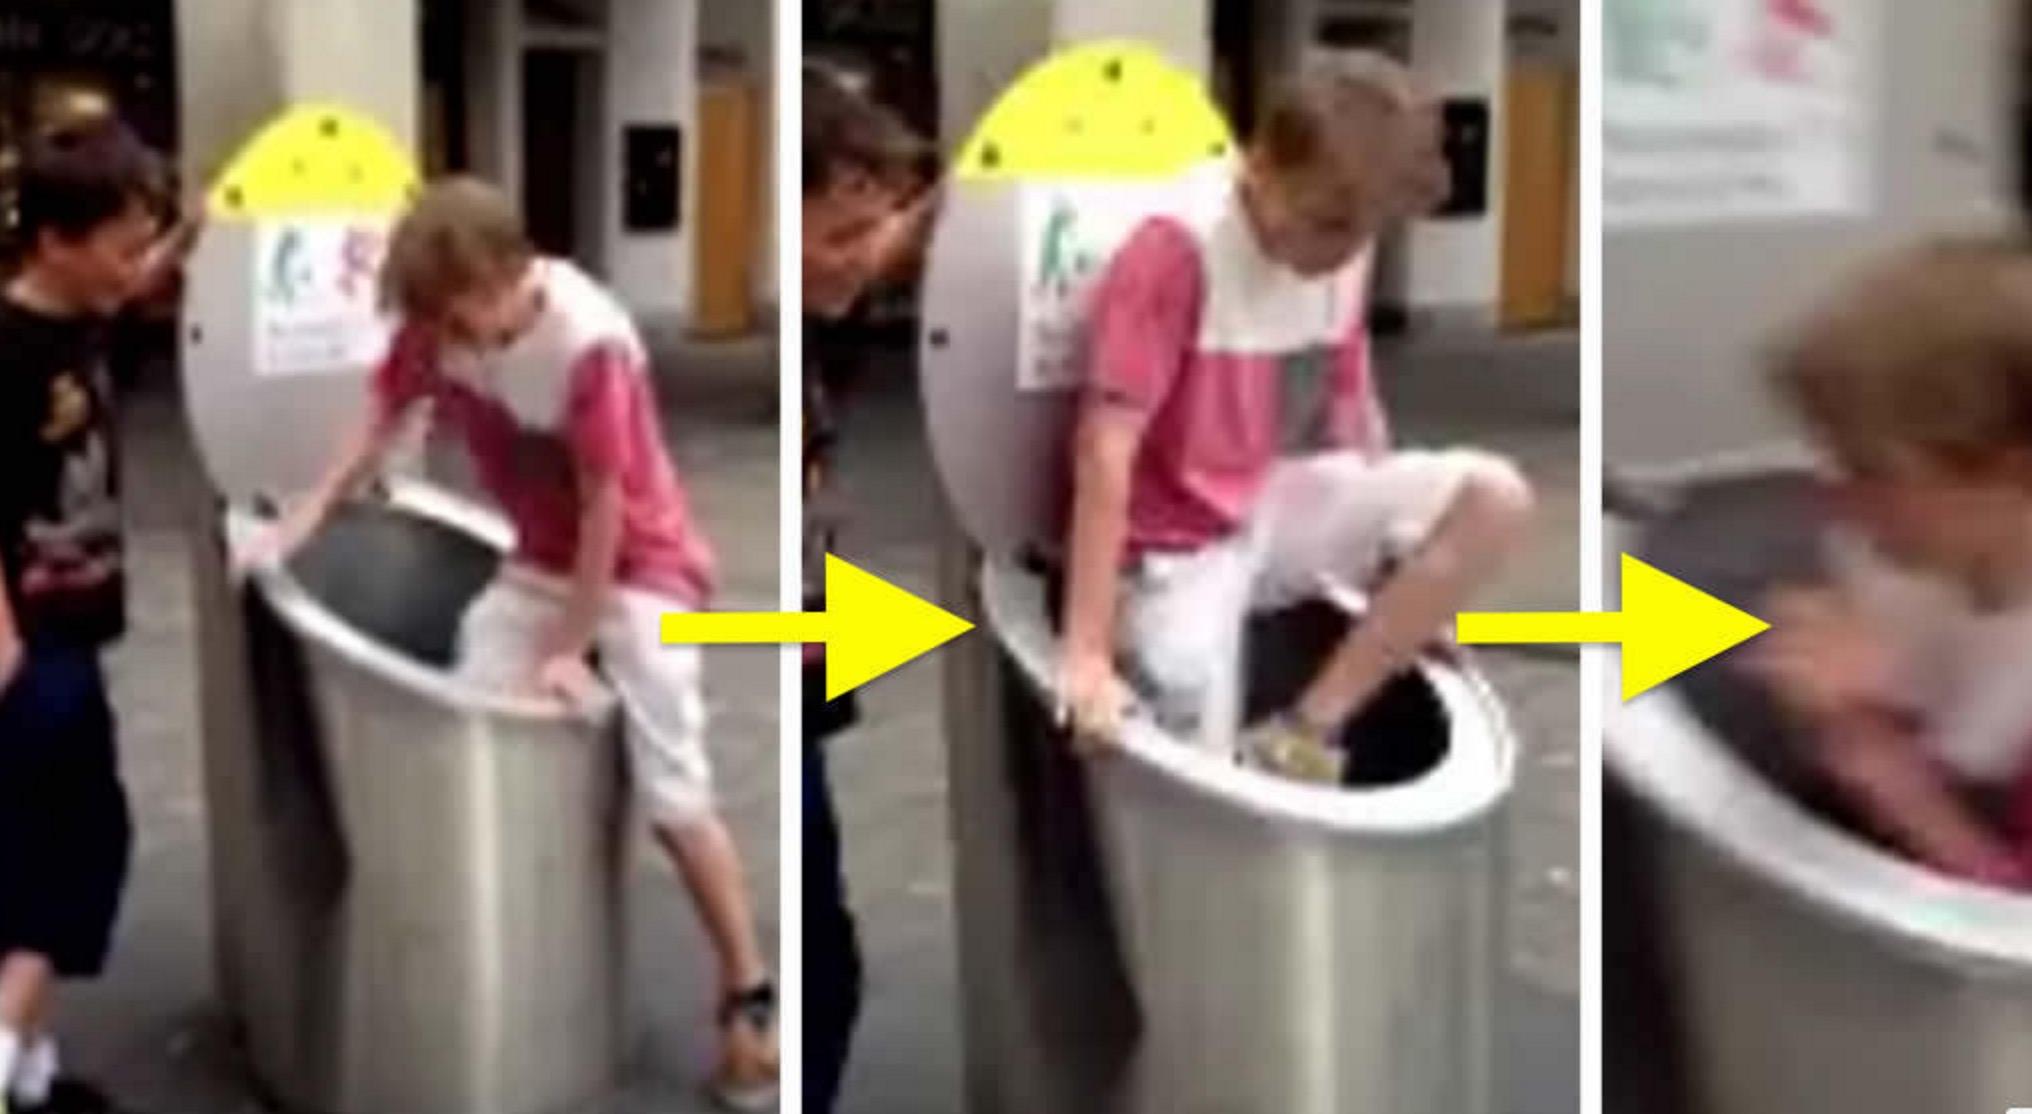 ゴミ箱に入って遊んでいた少年。しかし蓋を開けると少年は消えていた。。